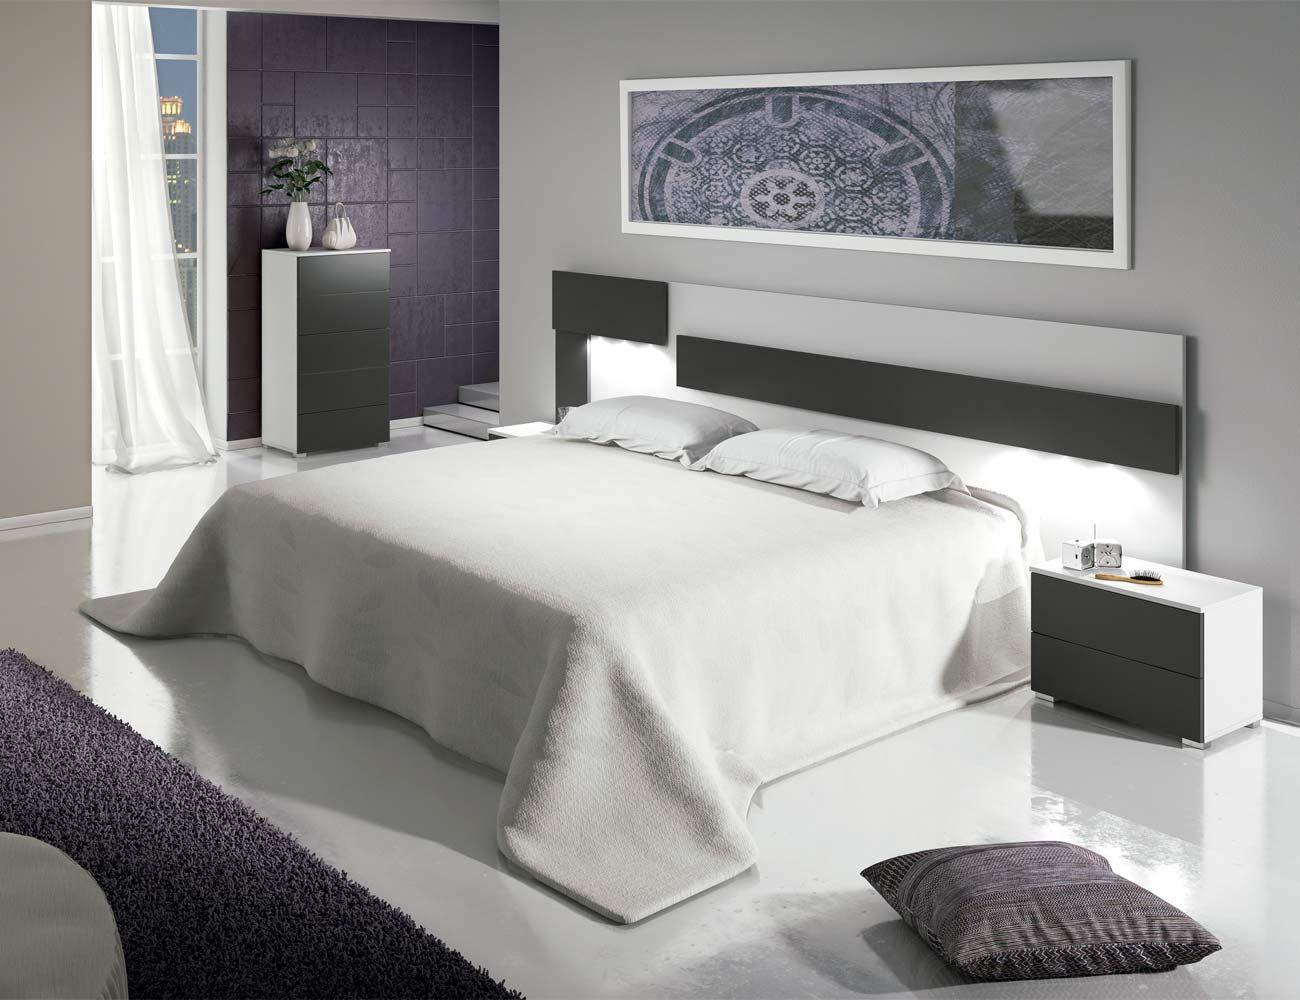 Dormitorio Matrimonio Moderno Cabecero Leds Sinfonier